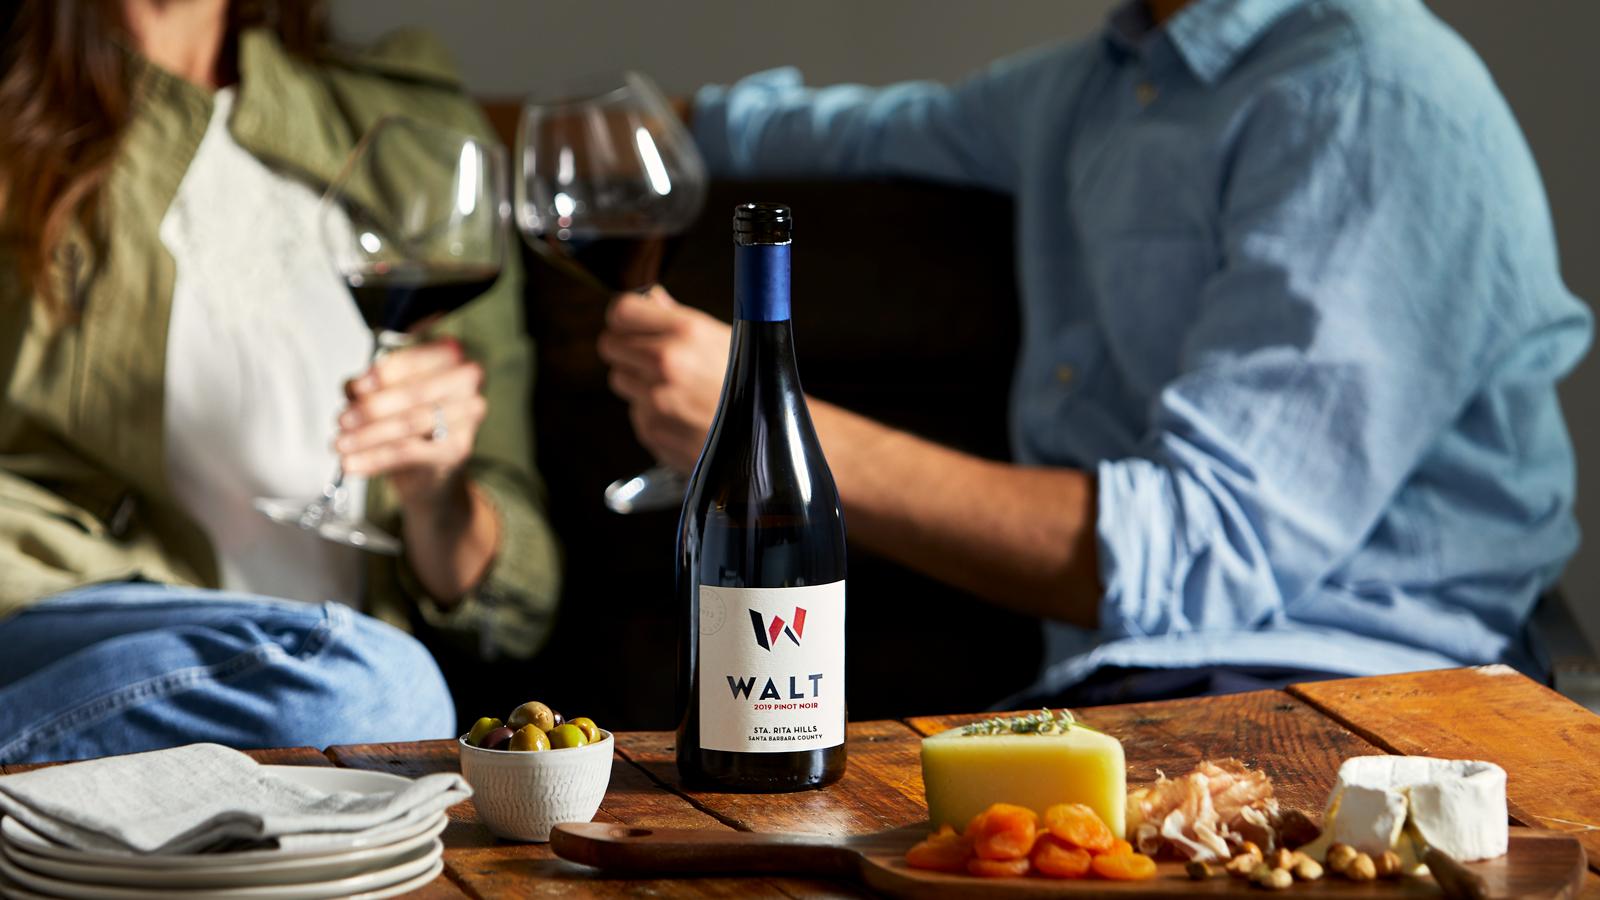 WALT Sta Rita Hills Pinot Noir